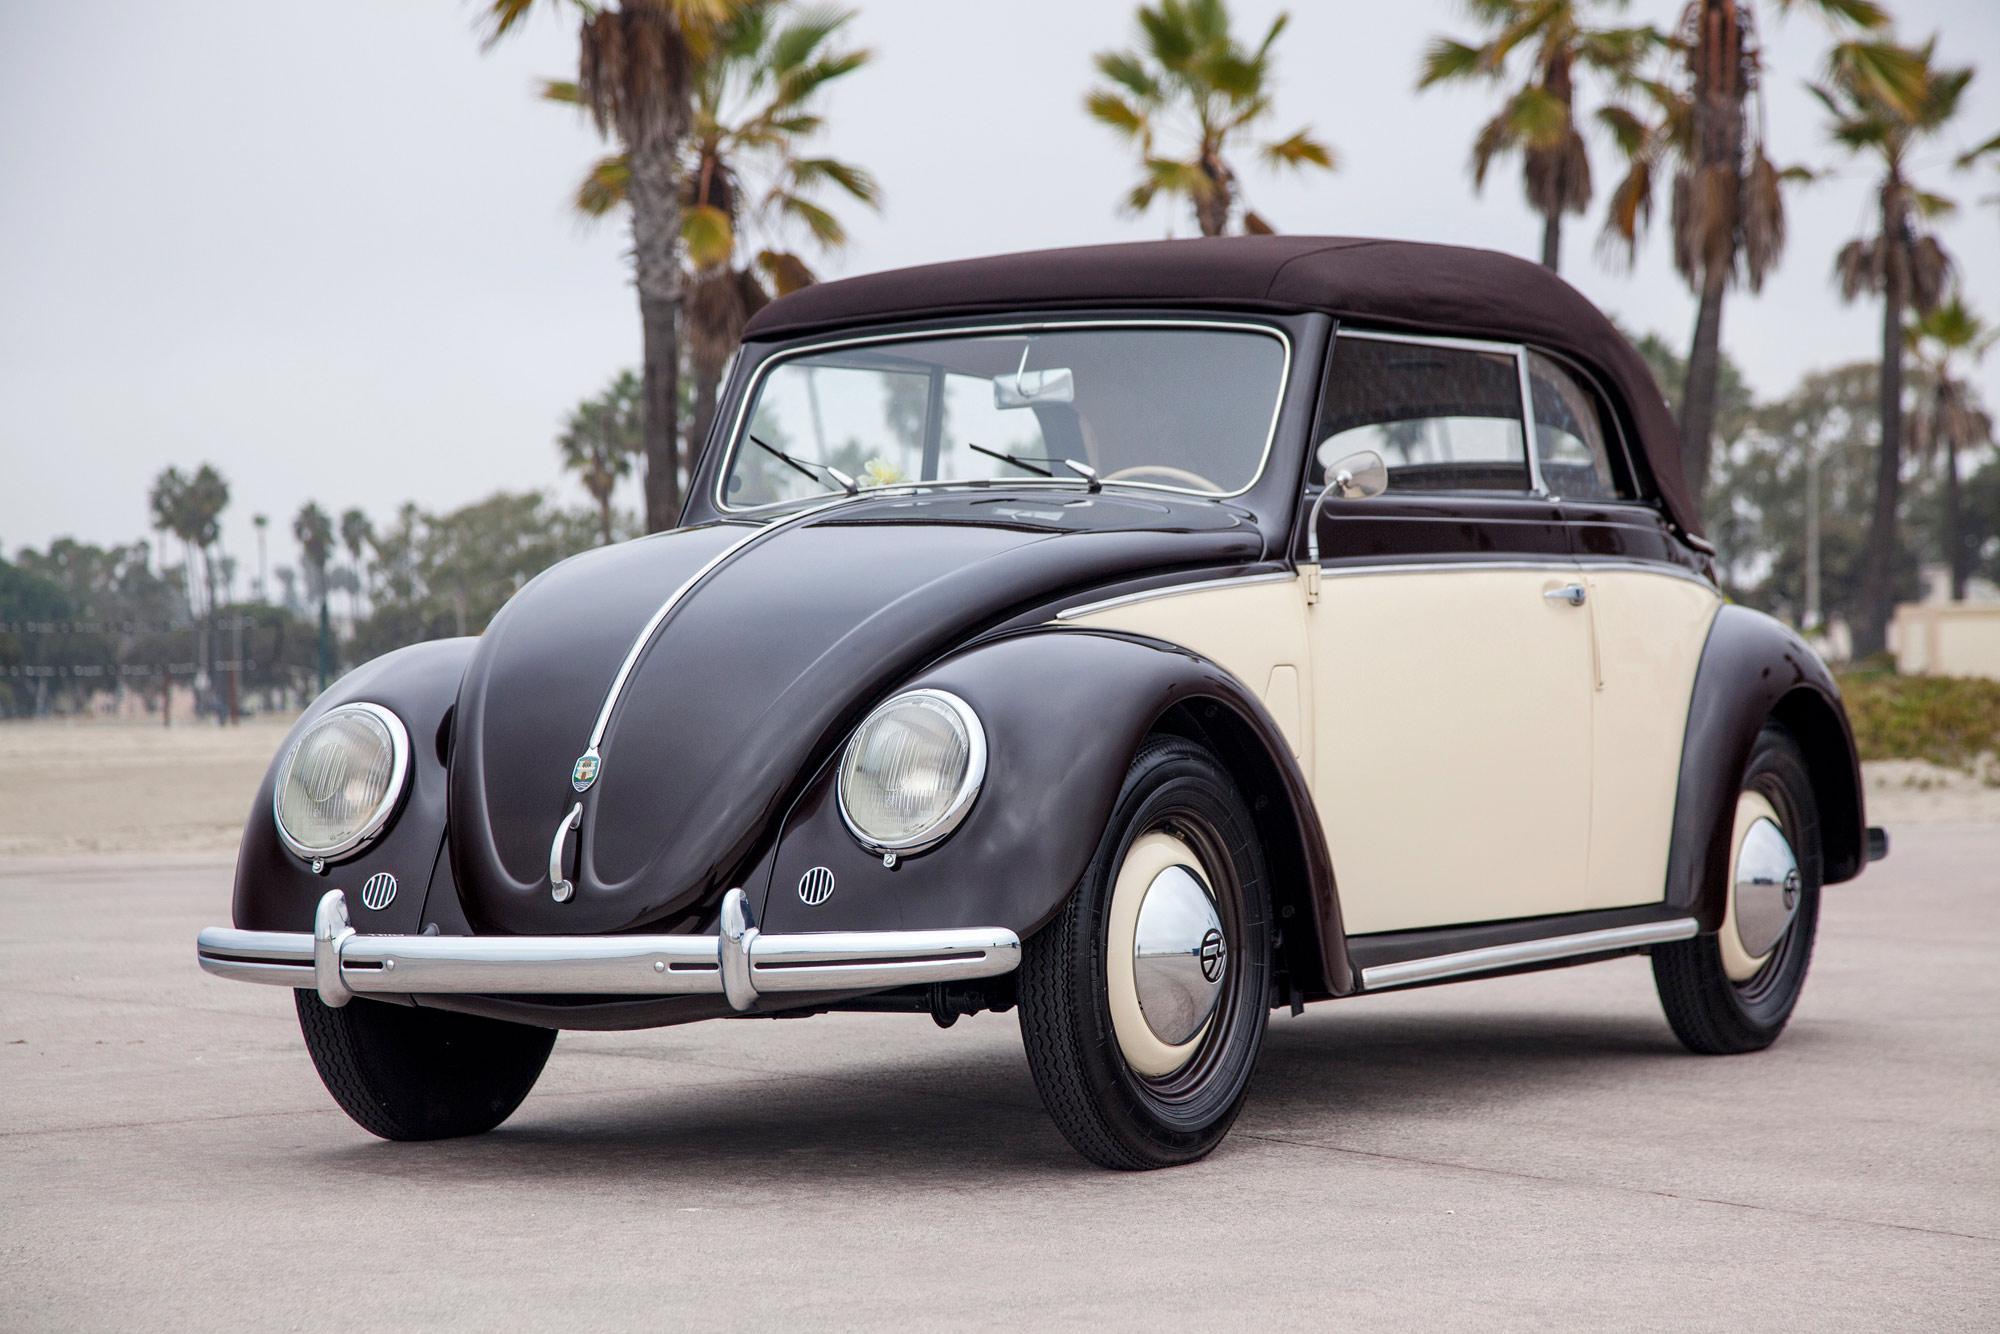 volkswagen-beetle-convertible-002